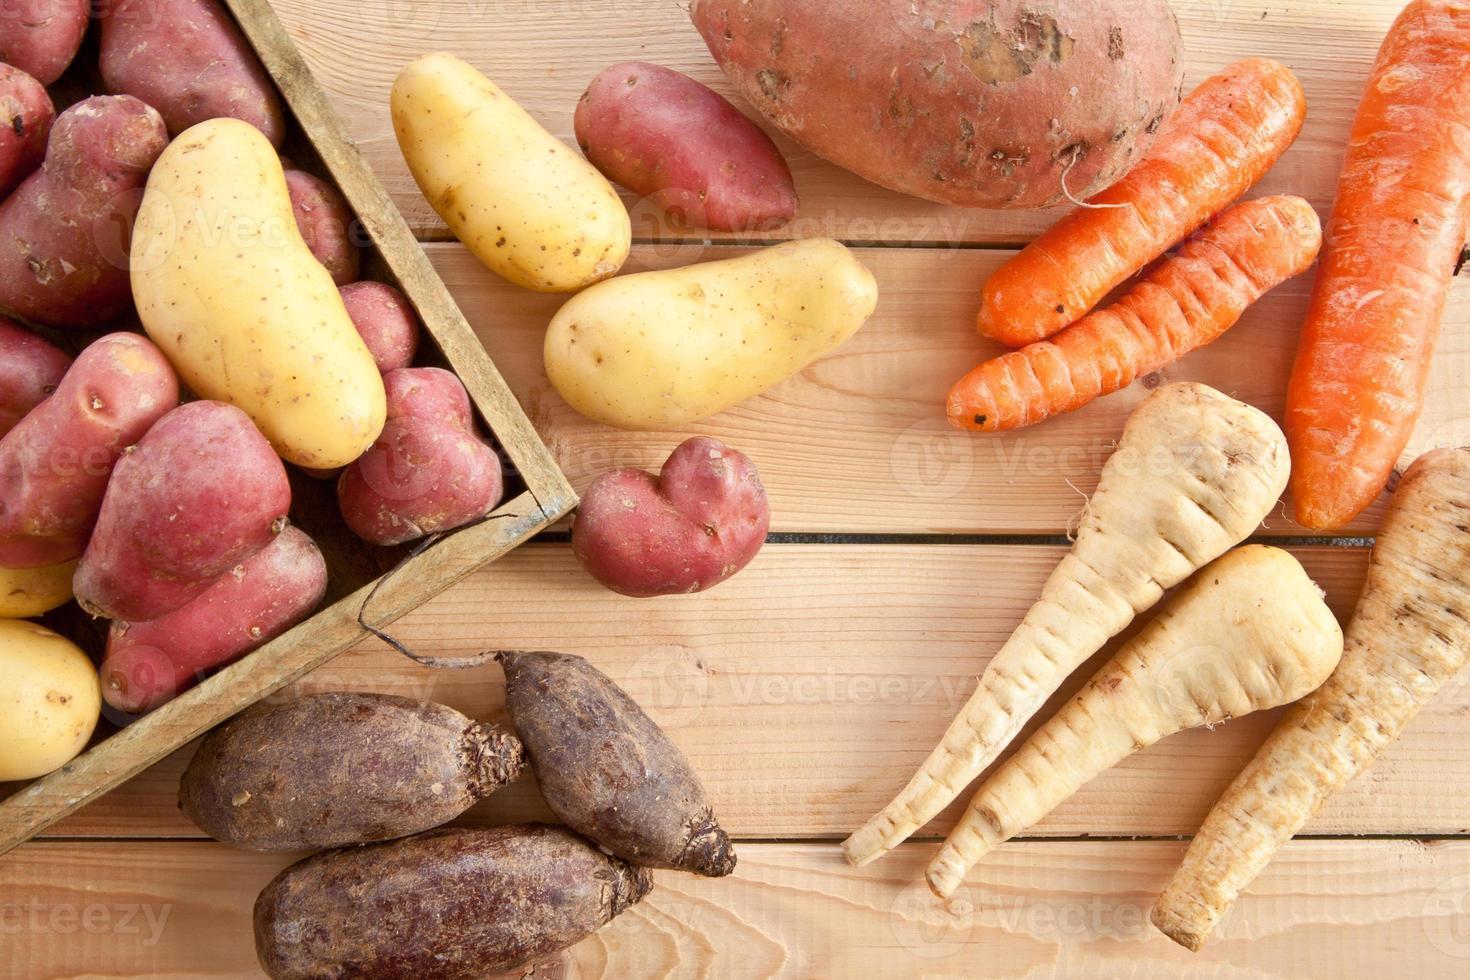 variedad de verduras de invierno foto